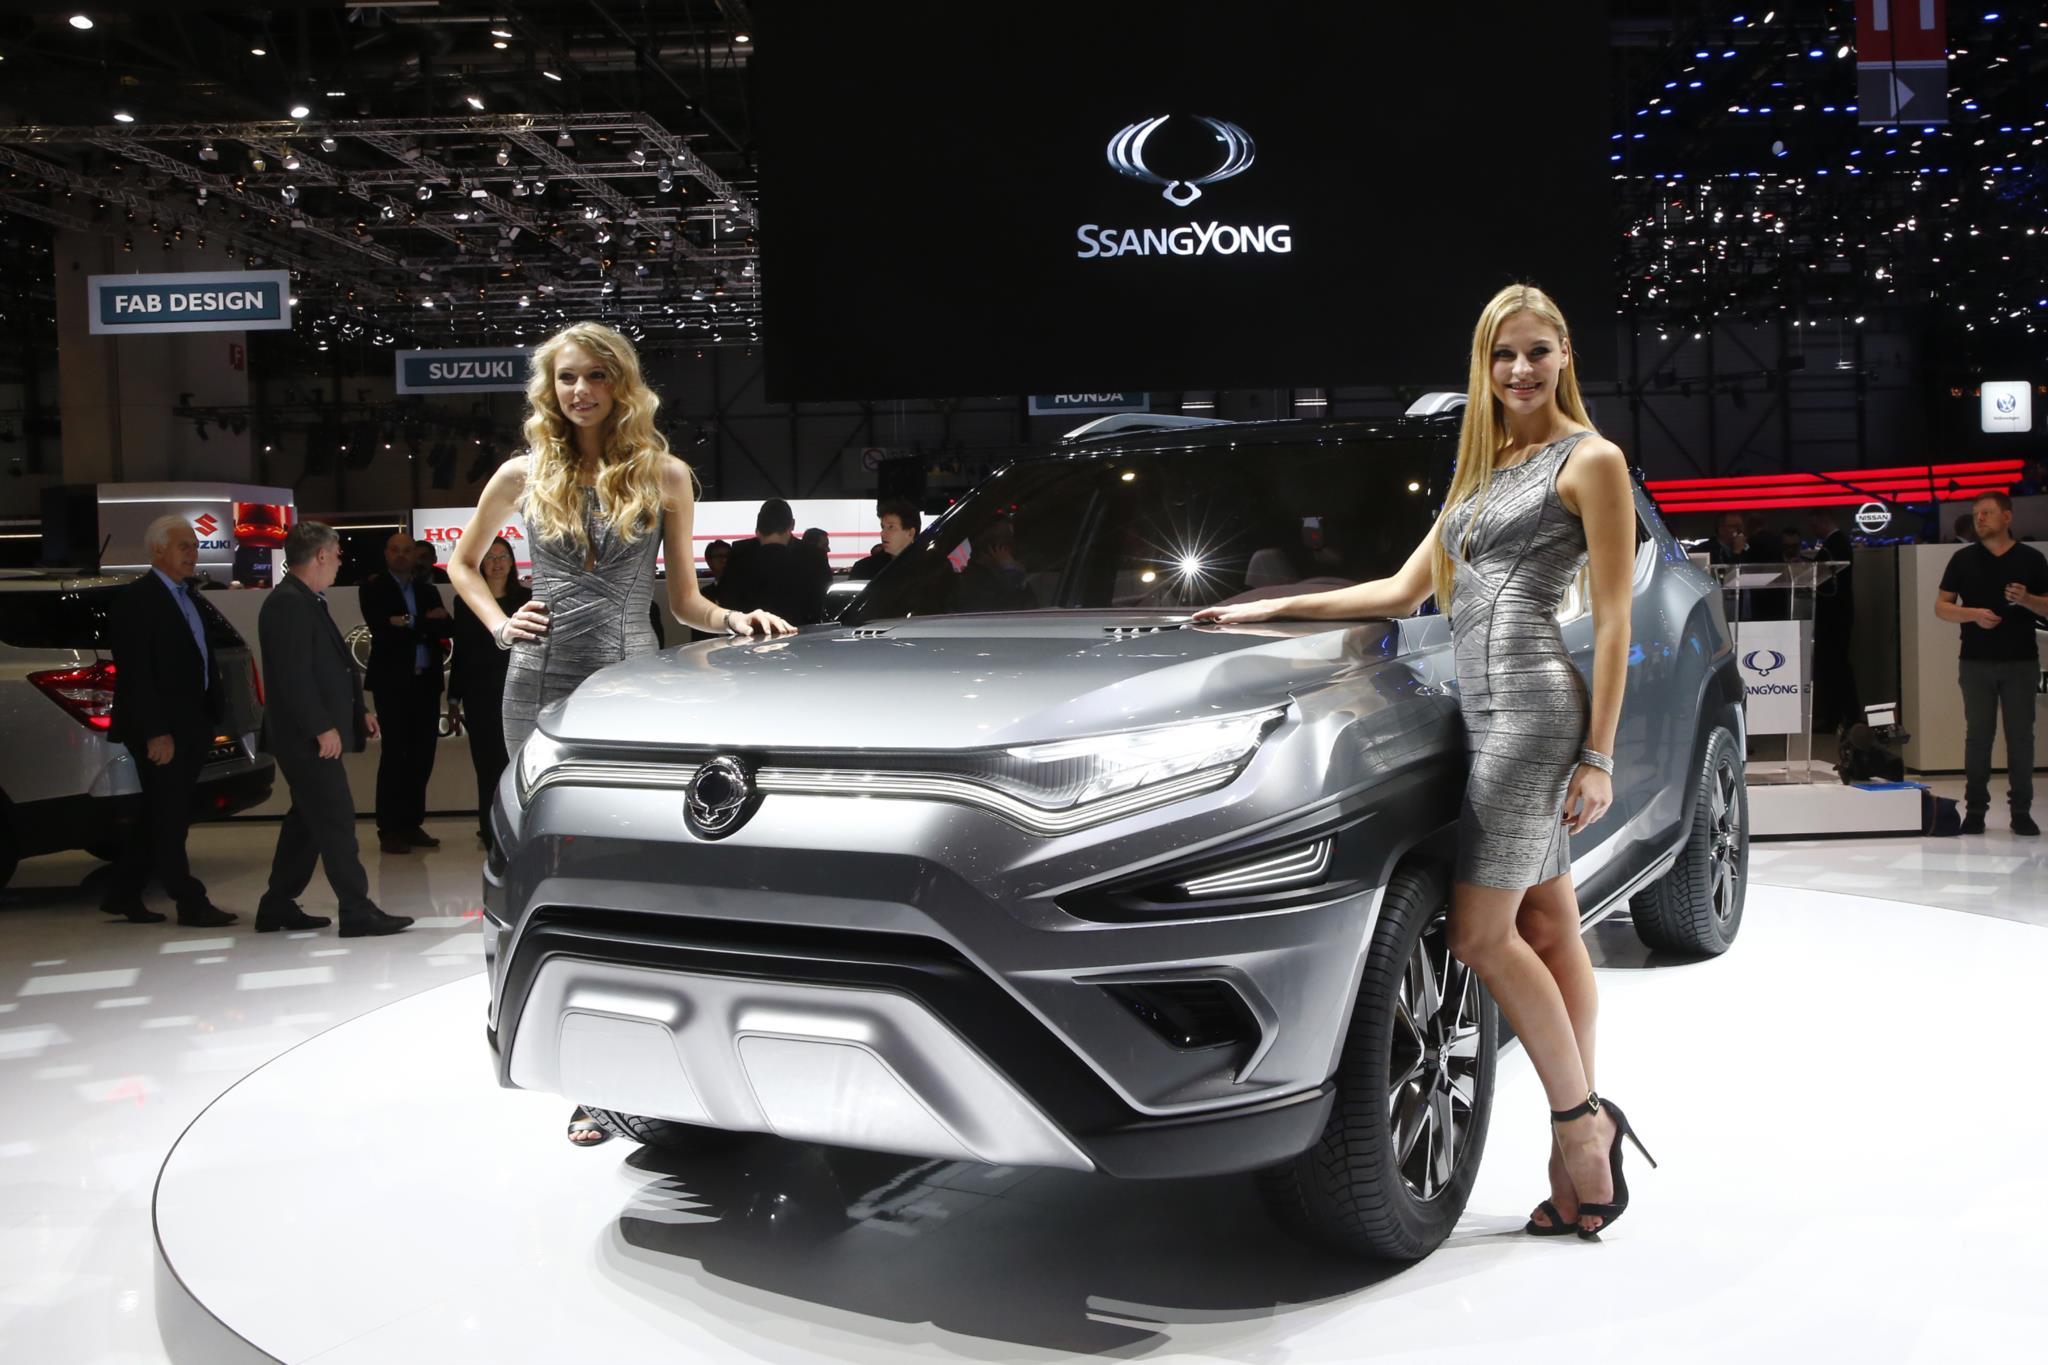 O protótipo do Ssangyong XAVL